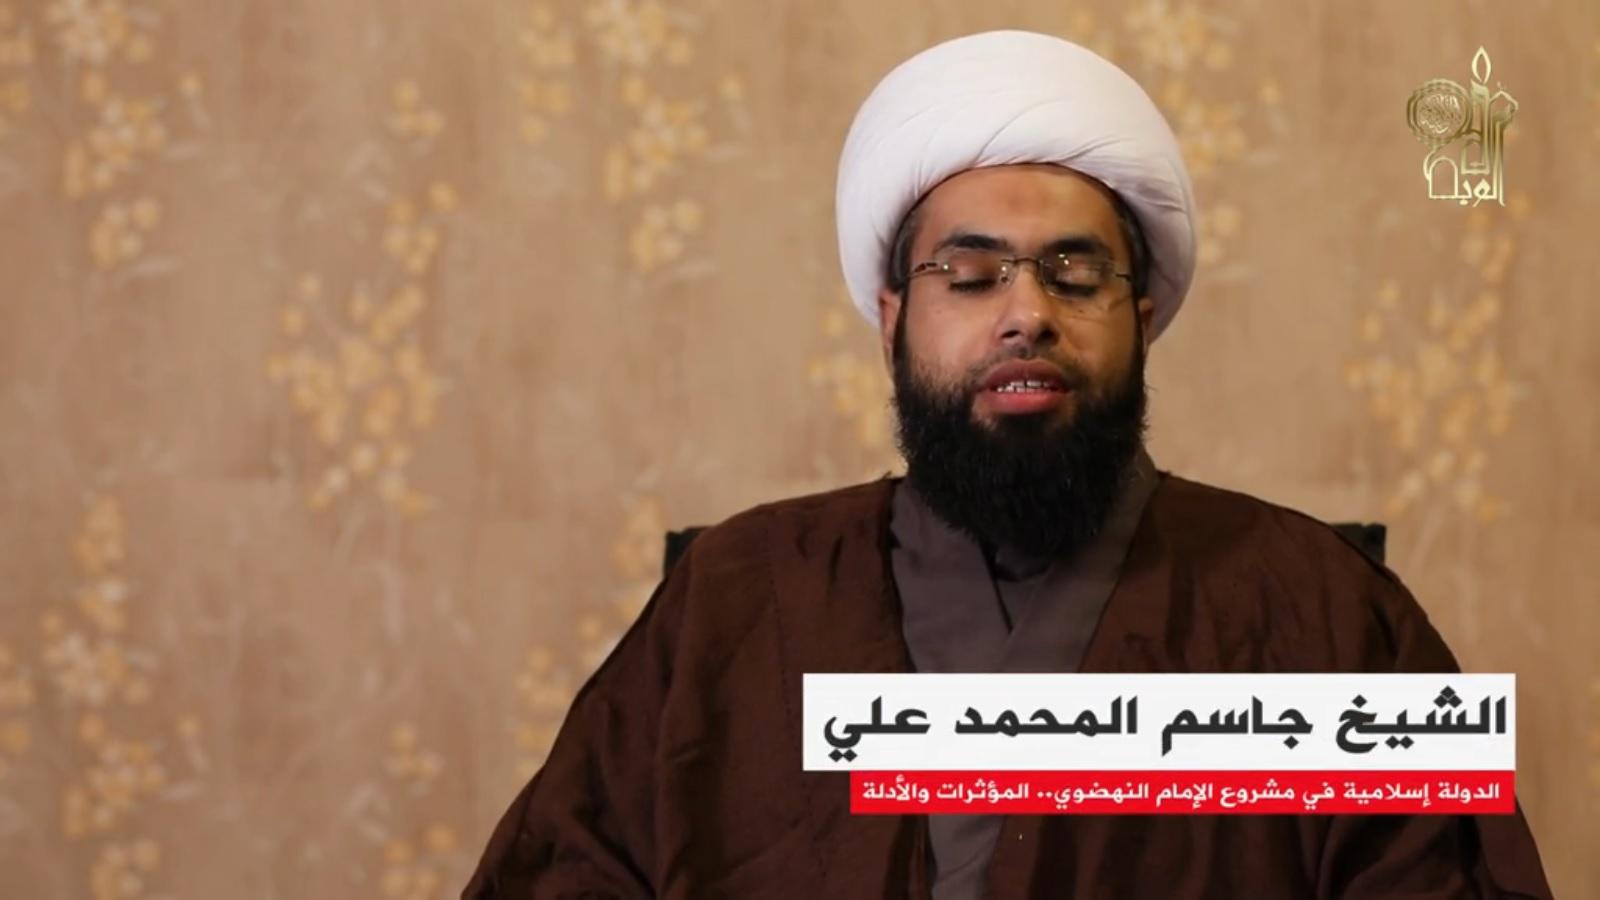 الشيخ جاسم المحمد علي | الدولة الإسلامية في مشروع الإمام النهضوي - المؤثرات والأدلة